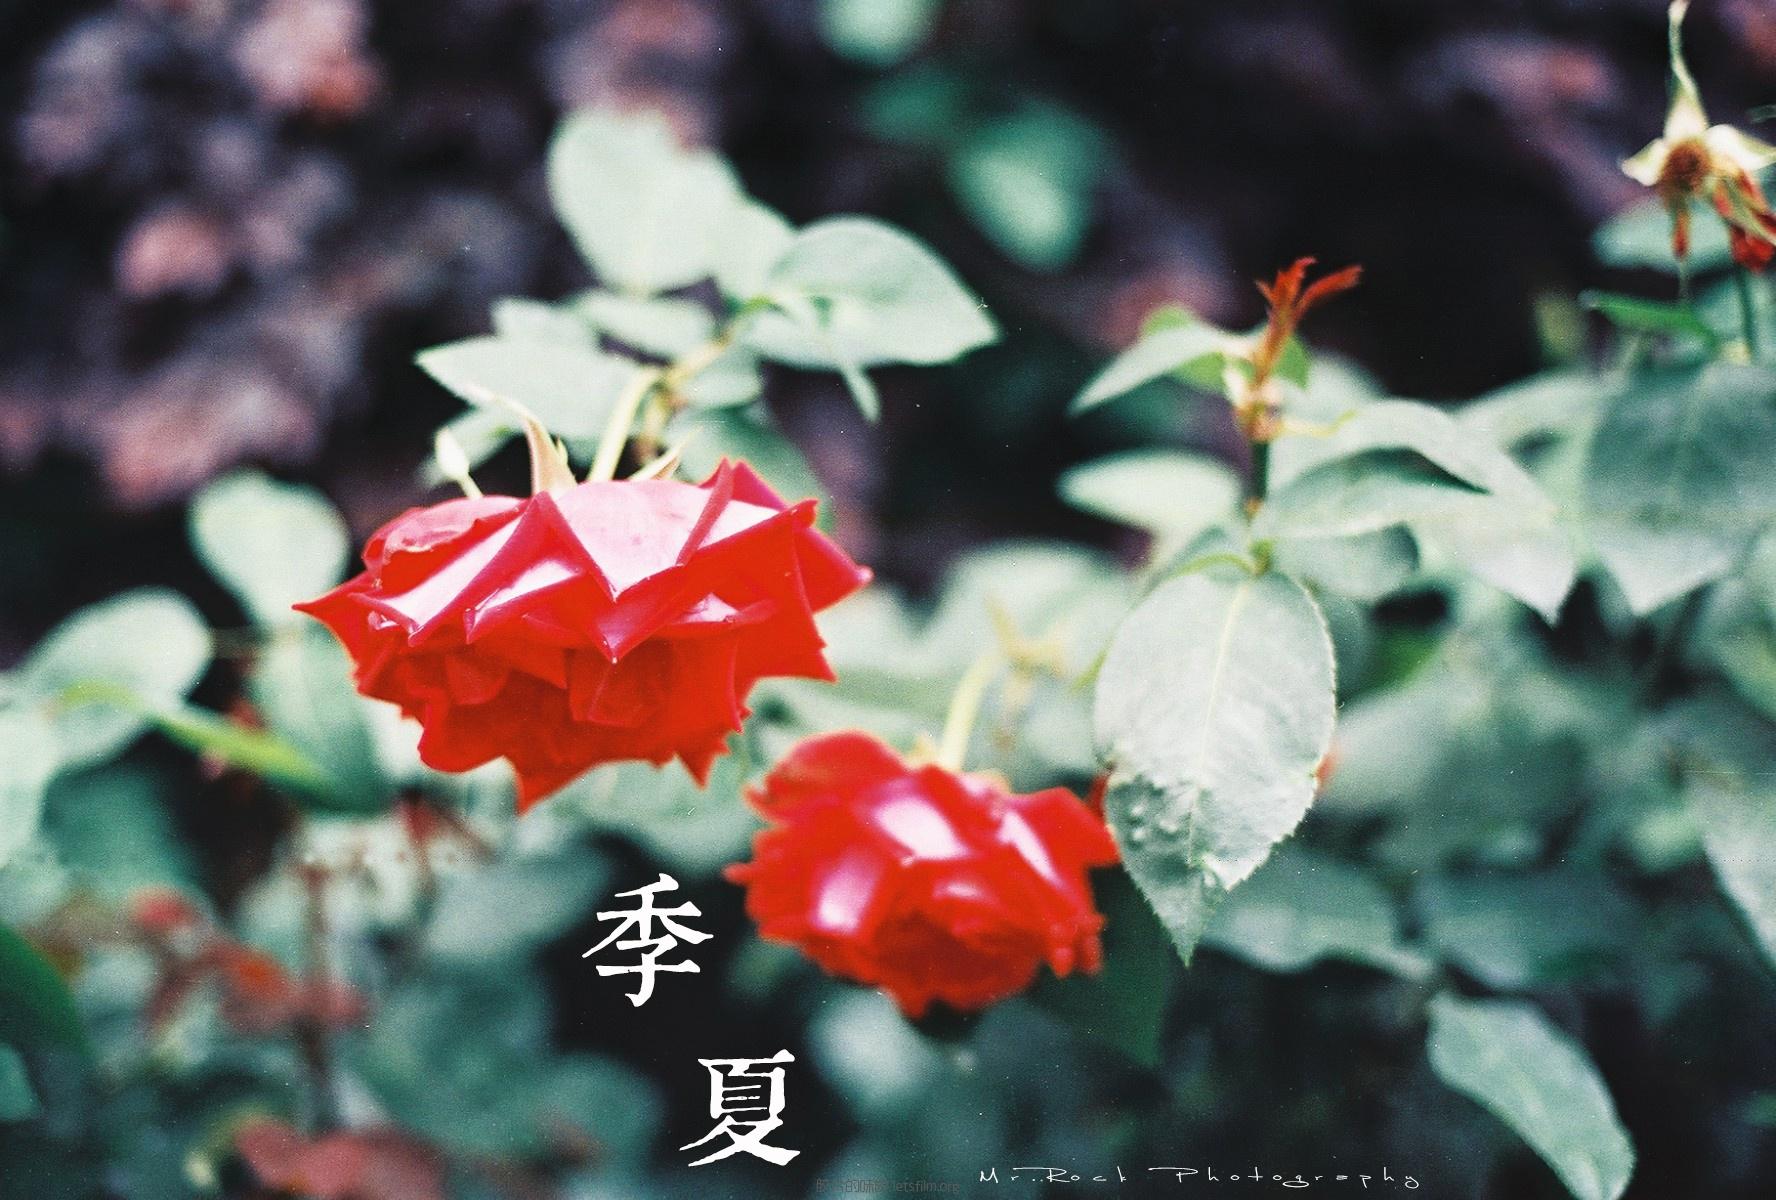 菲林日记·六月季夏 (10)